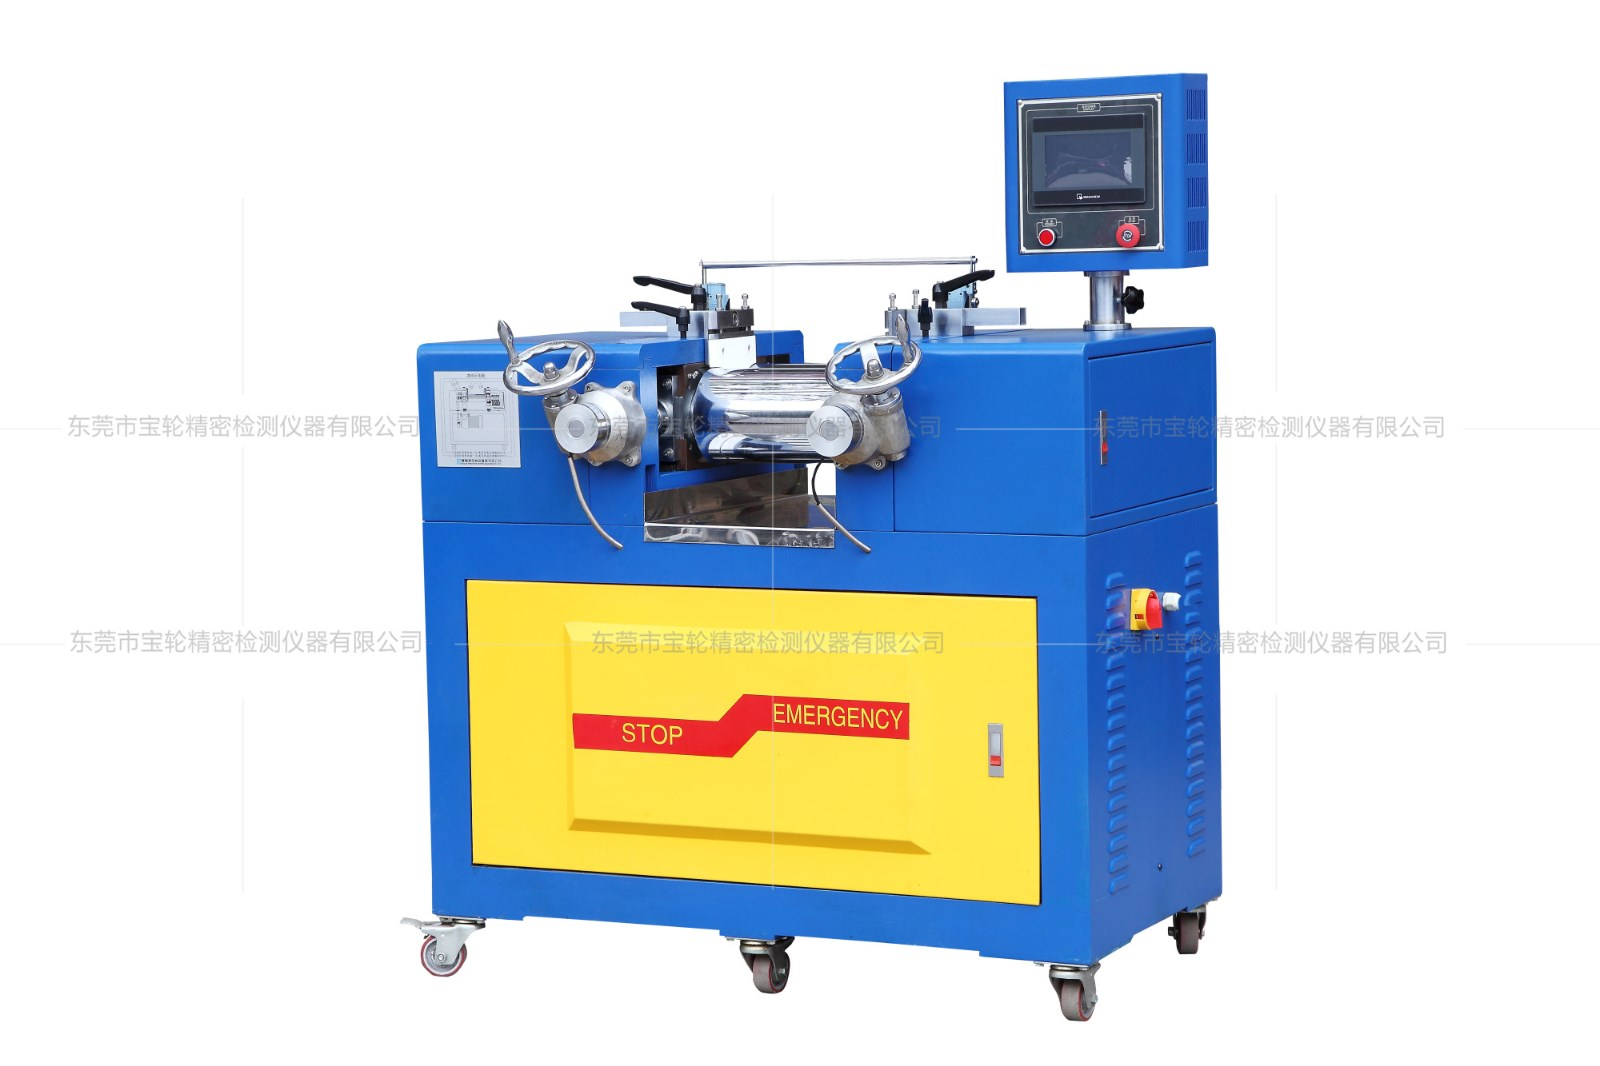 小型油热开炼机厂家 东莞市宝轮精密检测仪器有限公司